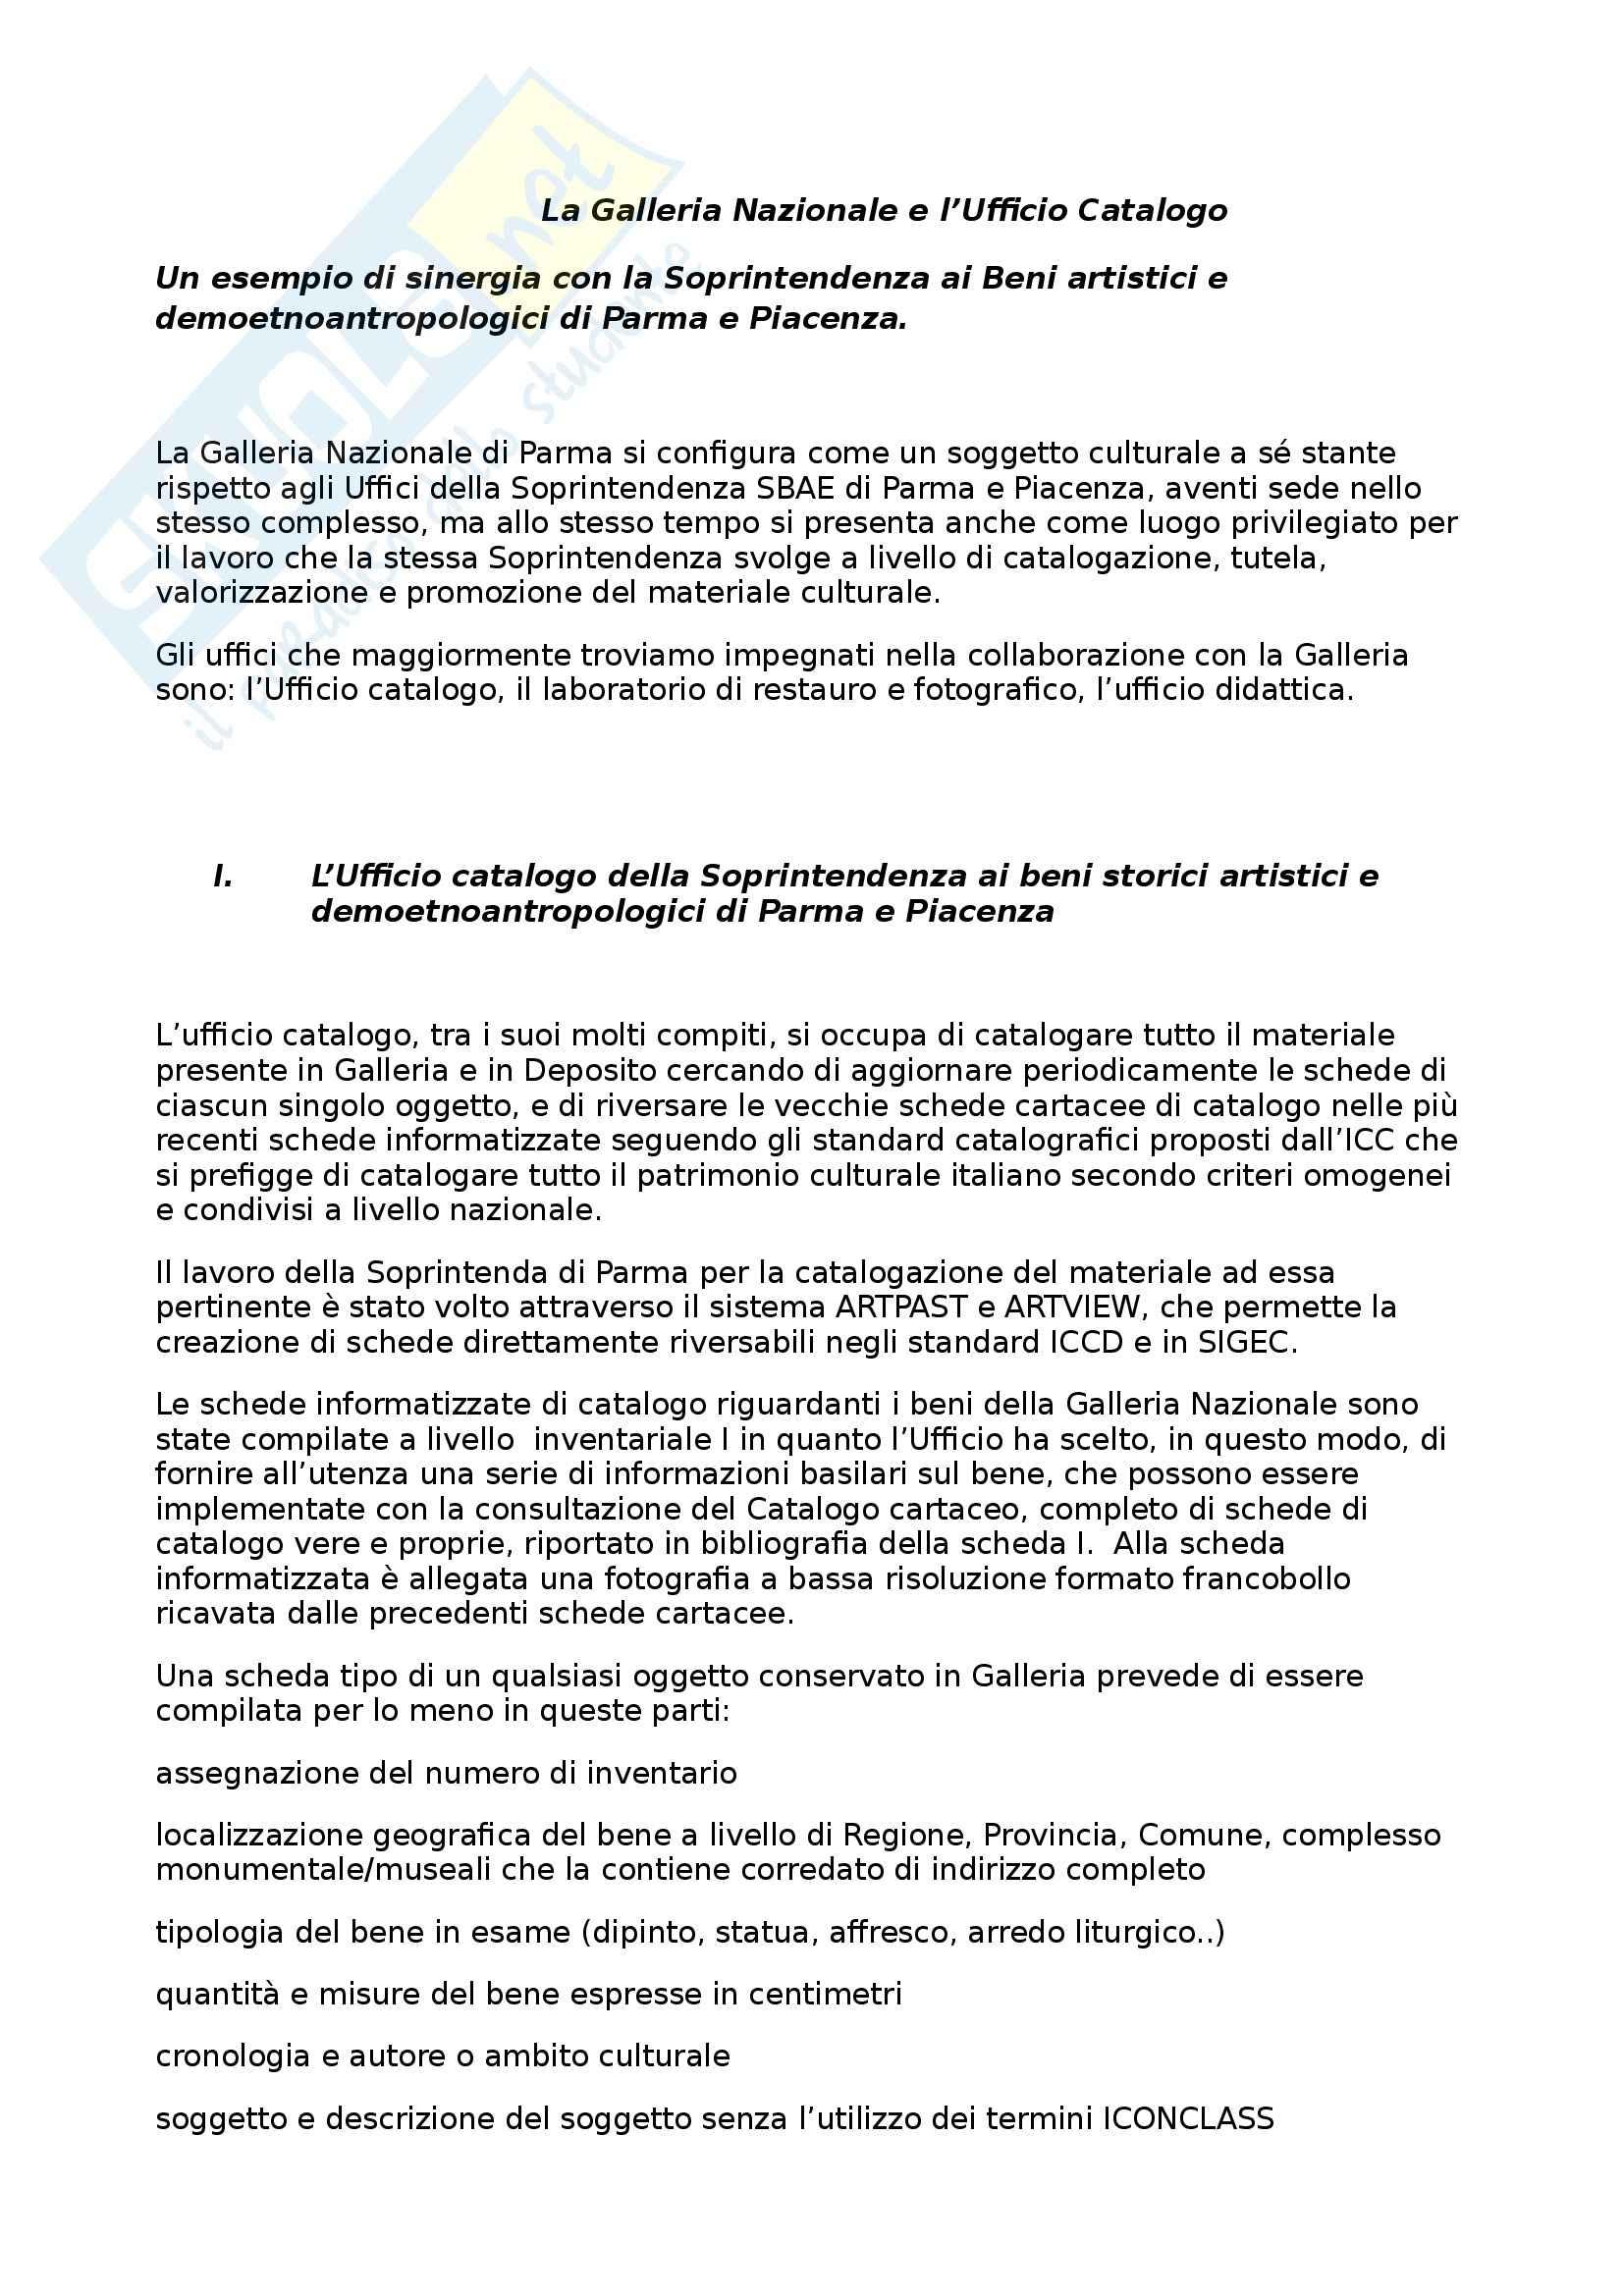 Fondamenti di scienze dell'informazione - la Galleria Nazionale e l'Uffico catalogo